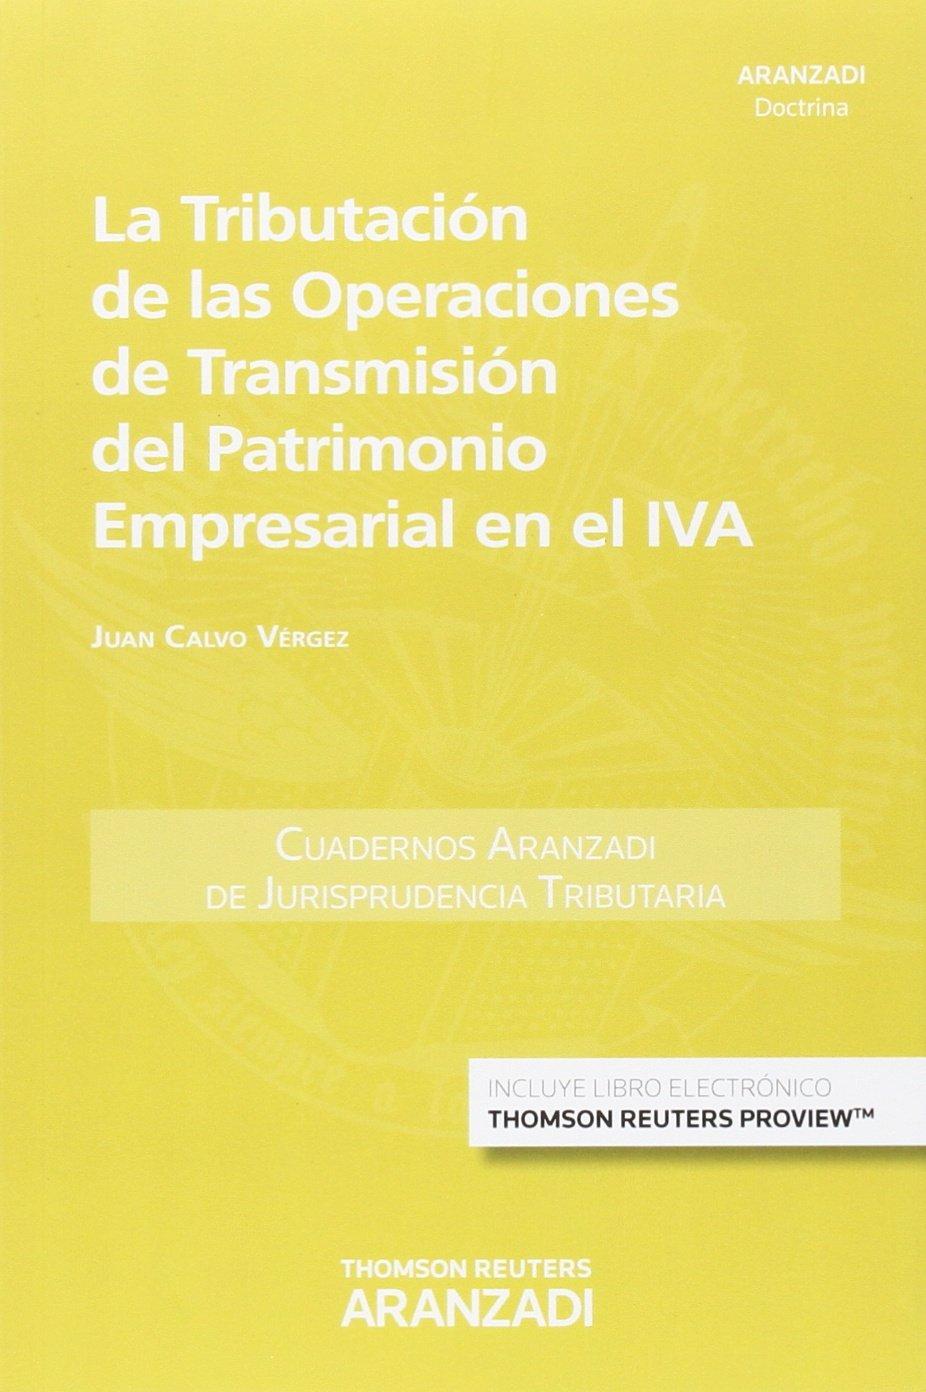 La tributación de las operaciones de transmisión del patrimonio empresarial en el IVA Papel + e-book Cuadernos - Jurisprudencia Tributaria: Amazon.es: Juan ...